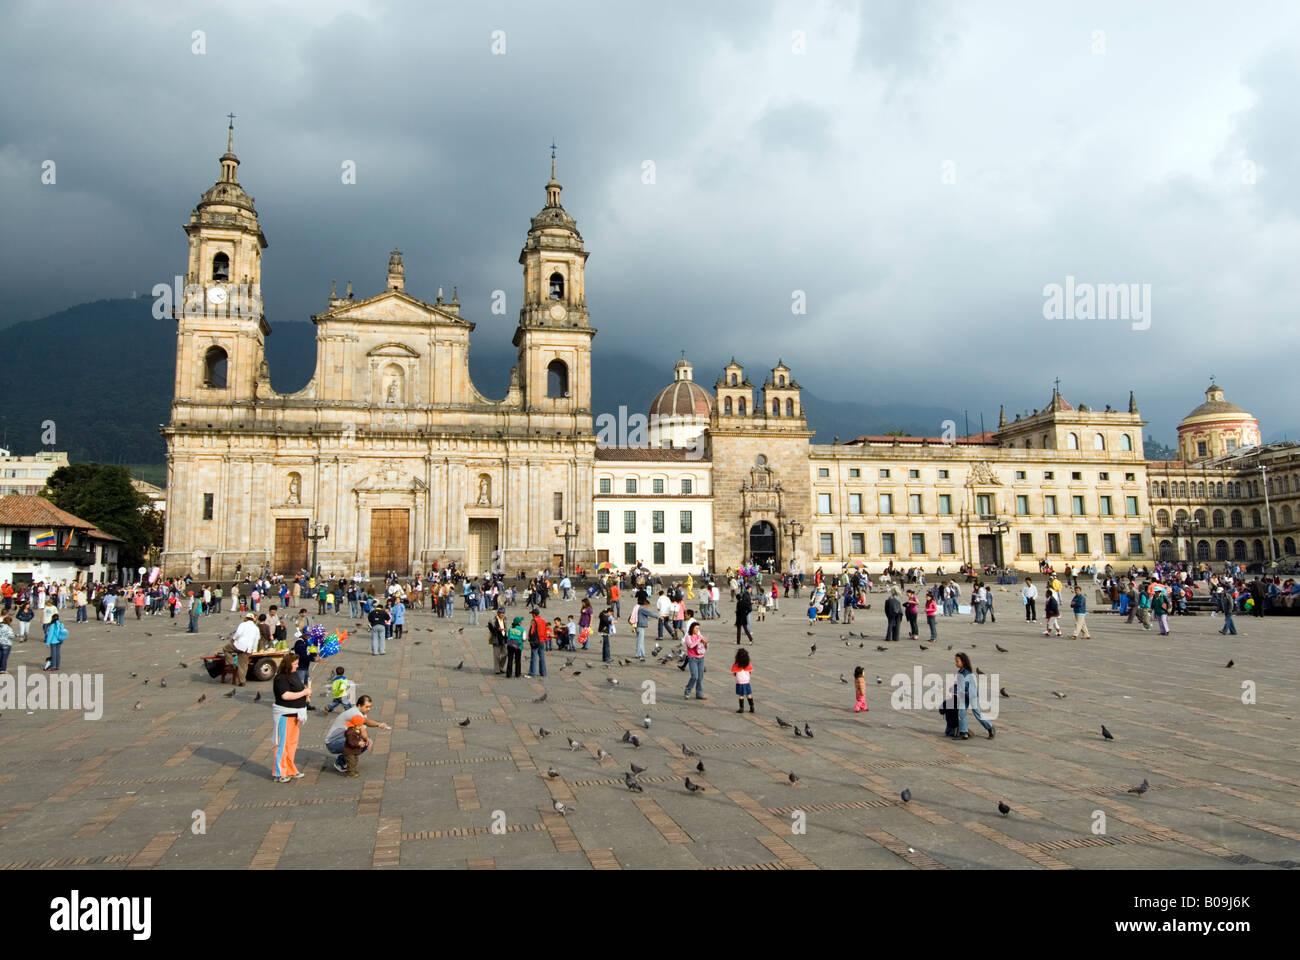 Cattedrale di primaria sulla Plaza de Bolivar di Bogotà, Colombia Immagini Stock